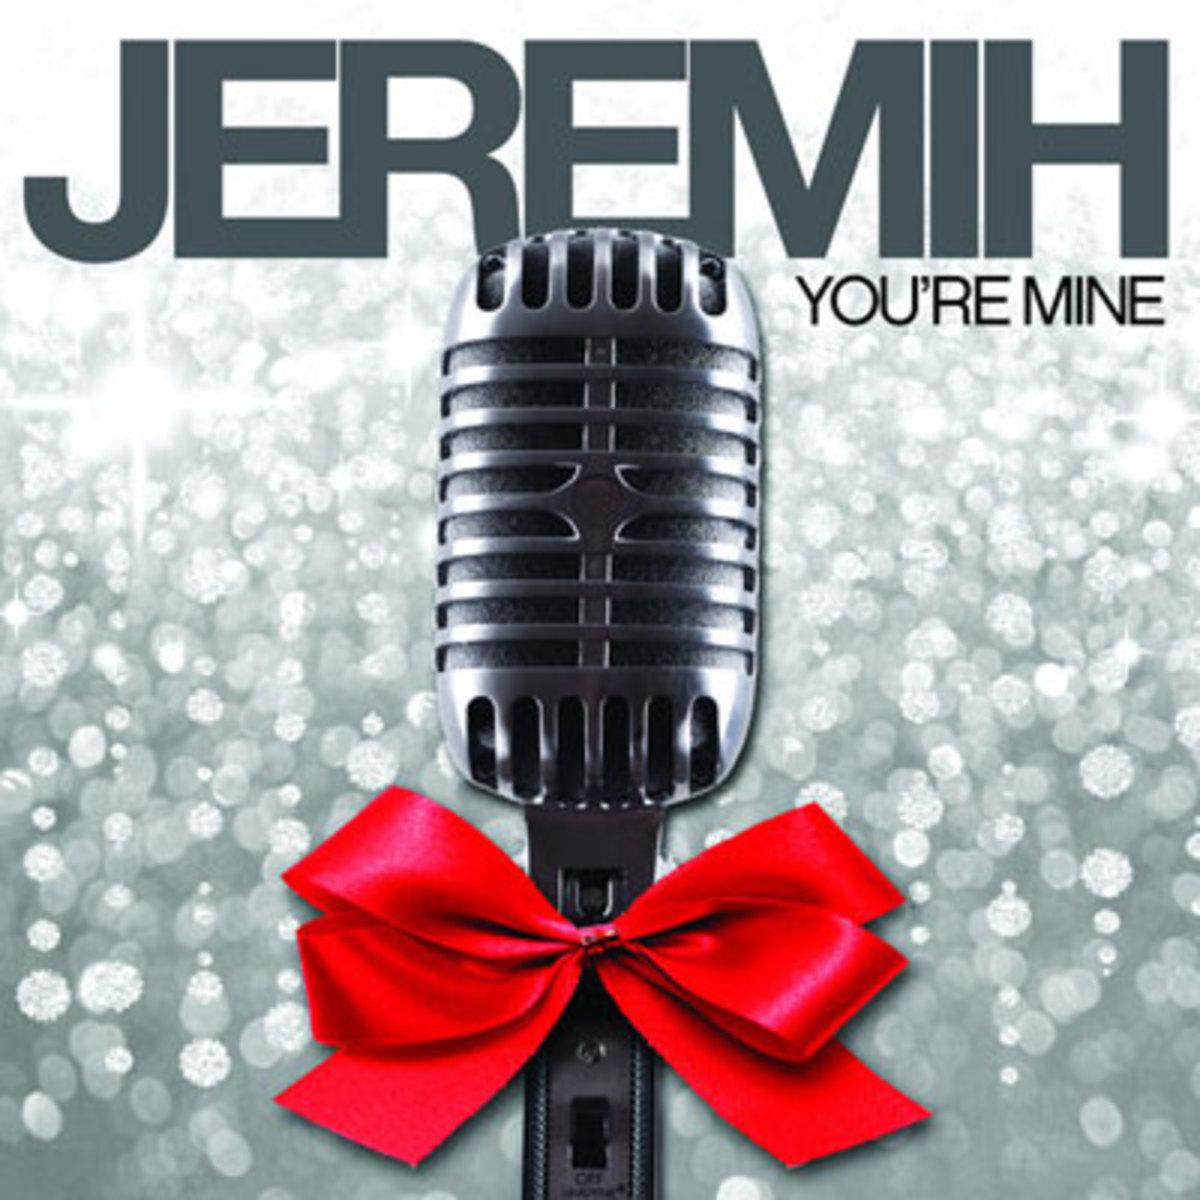 jeremih-youremine.jpg